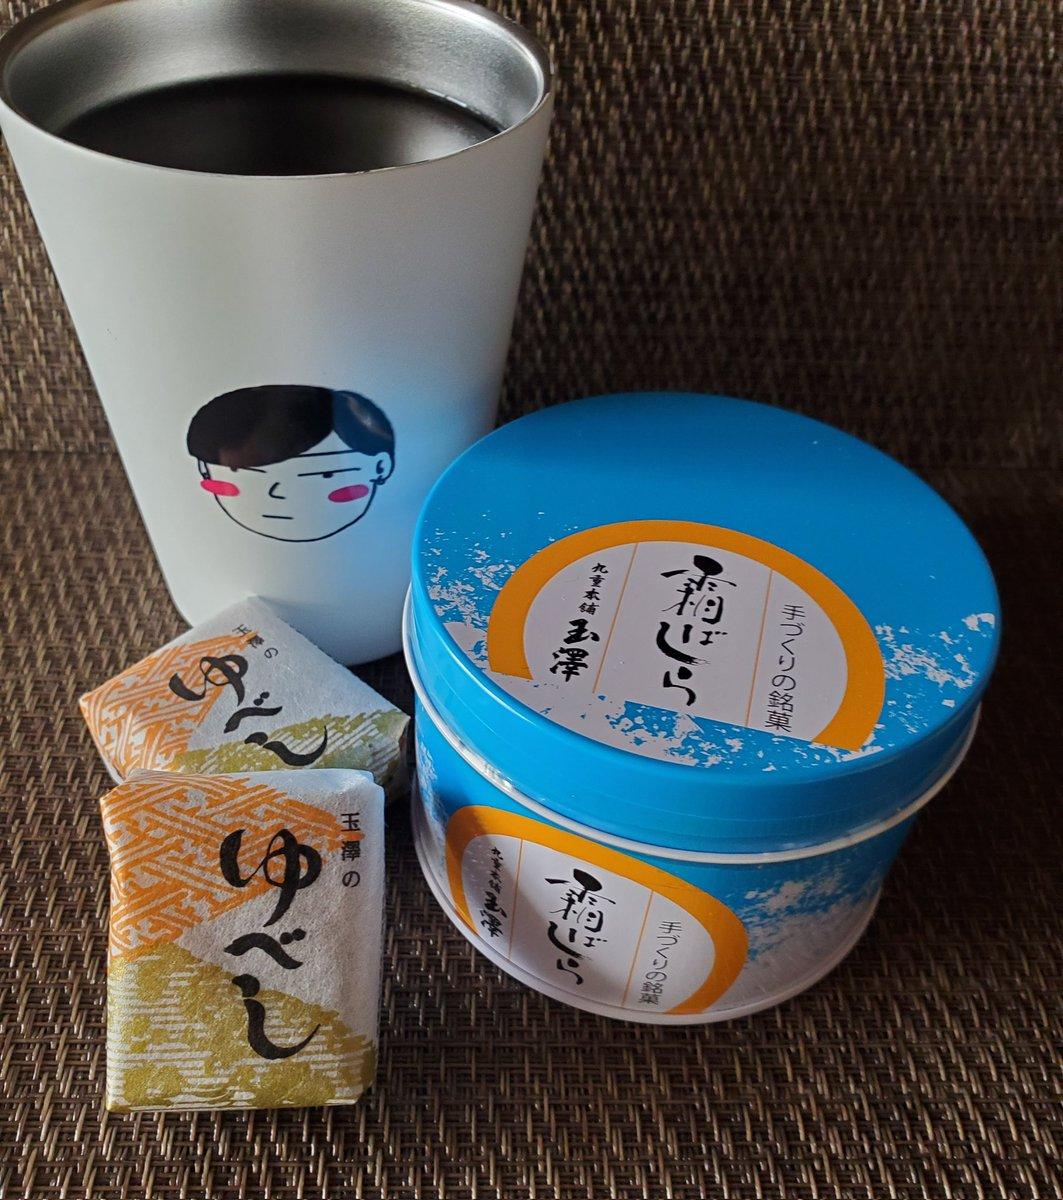 test ツイッターメディア - 仙台で絶対買いたかった 冬期限定の『霜ばしら』 1缶だけ めっちゃ繊細な飴 口の中でホロッと溶けて… おいしい😋🍴💕 https://t.co/AmWFaa2bc6